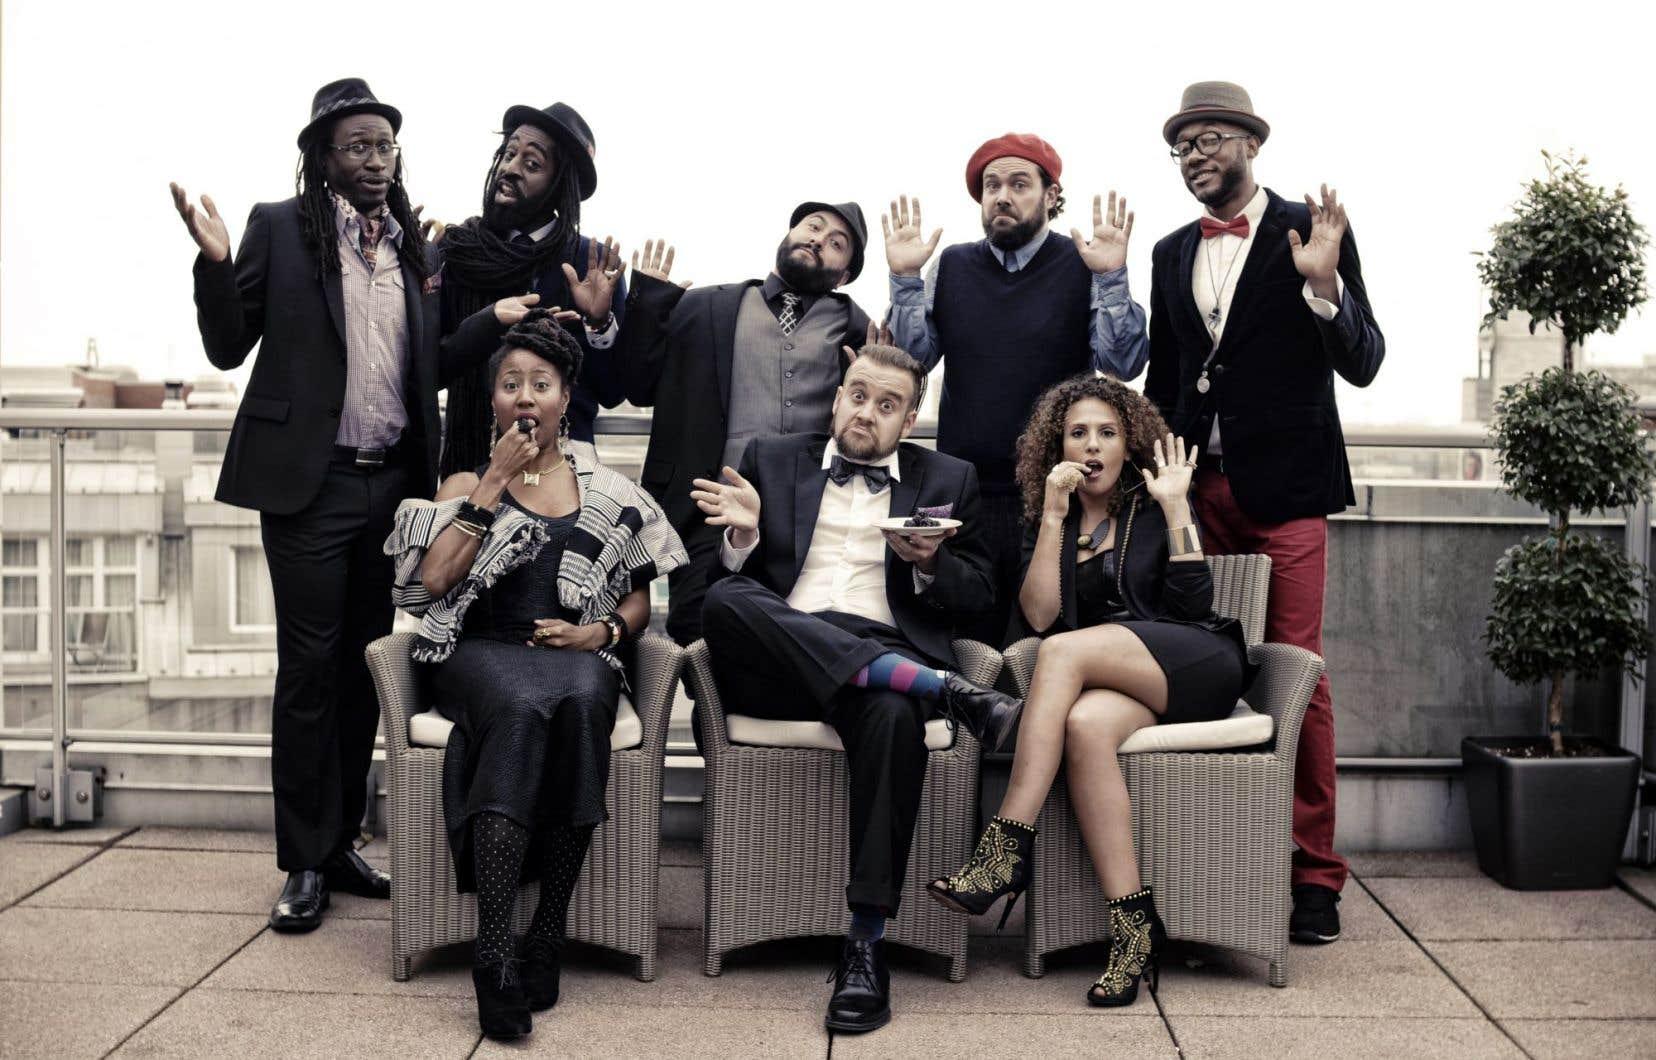 Avec ses complices, le groupe retracera des pans de son histoire en remontant à Nomad's Land, lancé en 2006, et offrira des pièces de son futur album.